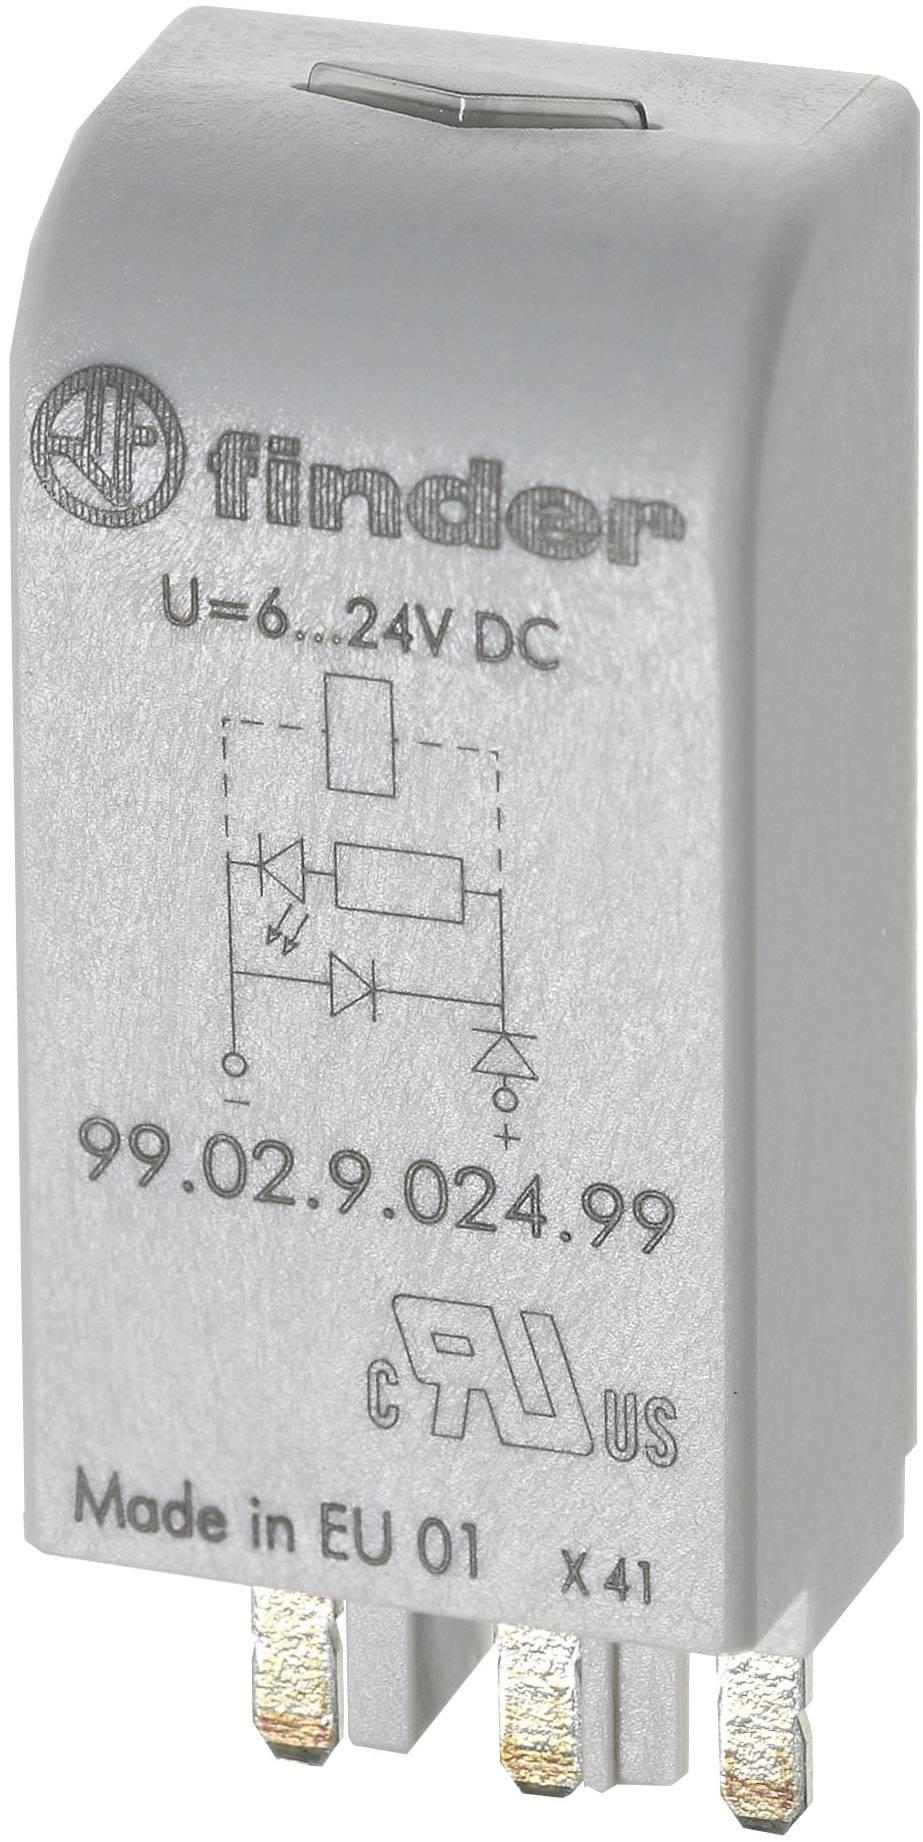 RC-člen Finder 99.02.0.230.09